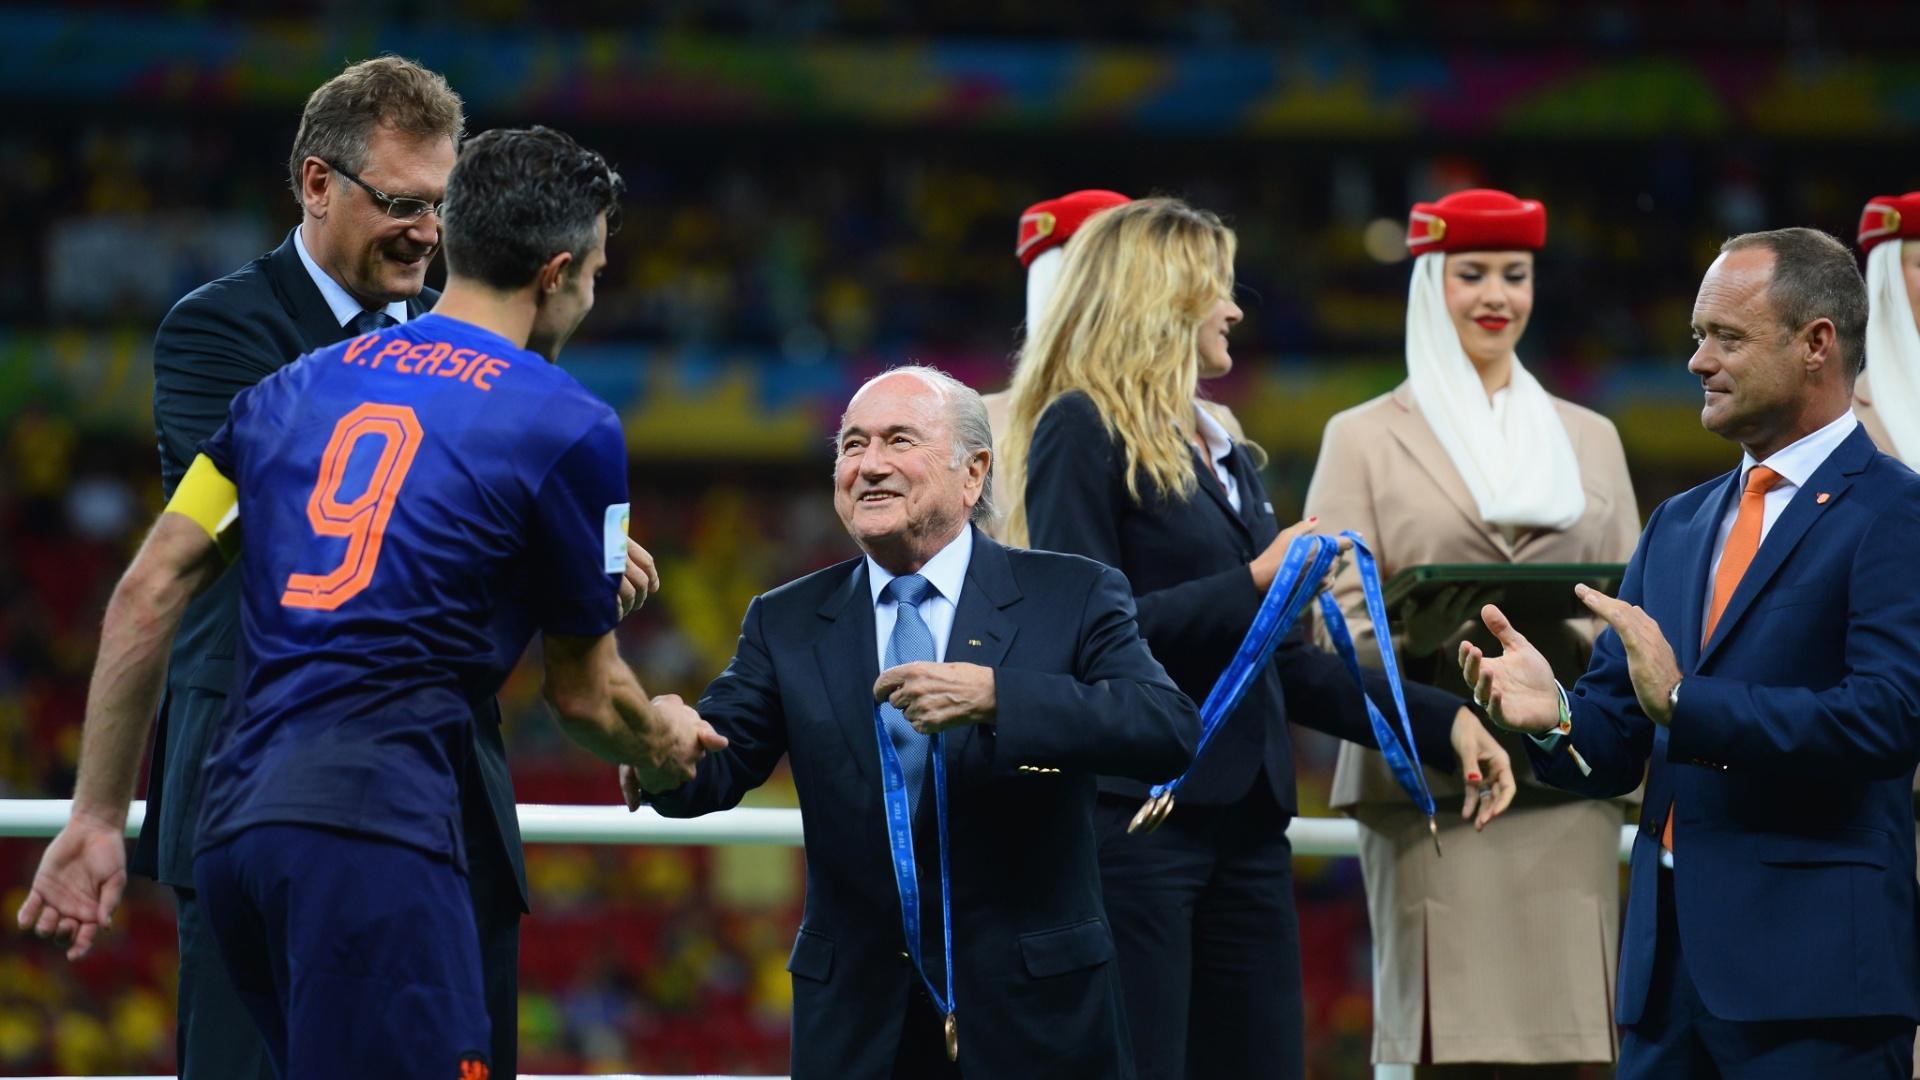 12.jul.2014 - Presidente da Fifa, Joseph Blatter, entrega medalha de bronze para o holandês Robin van Persie, depois da vitória por 3 a 0 sobre o Brasil no Mané Garrincha